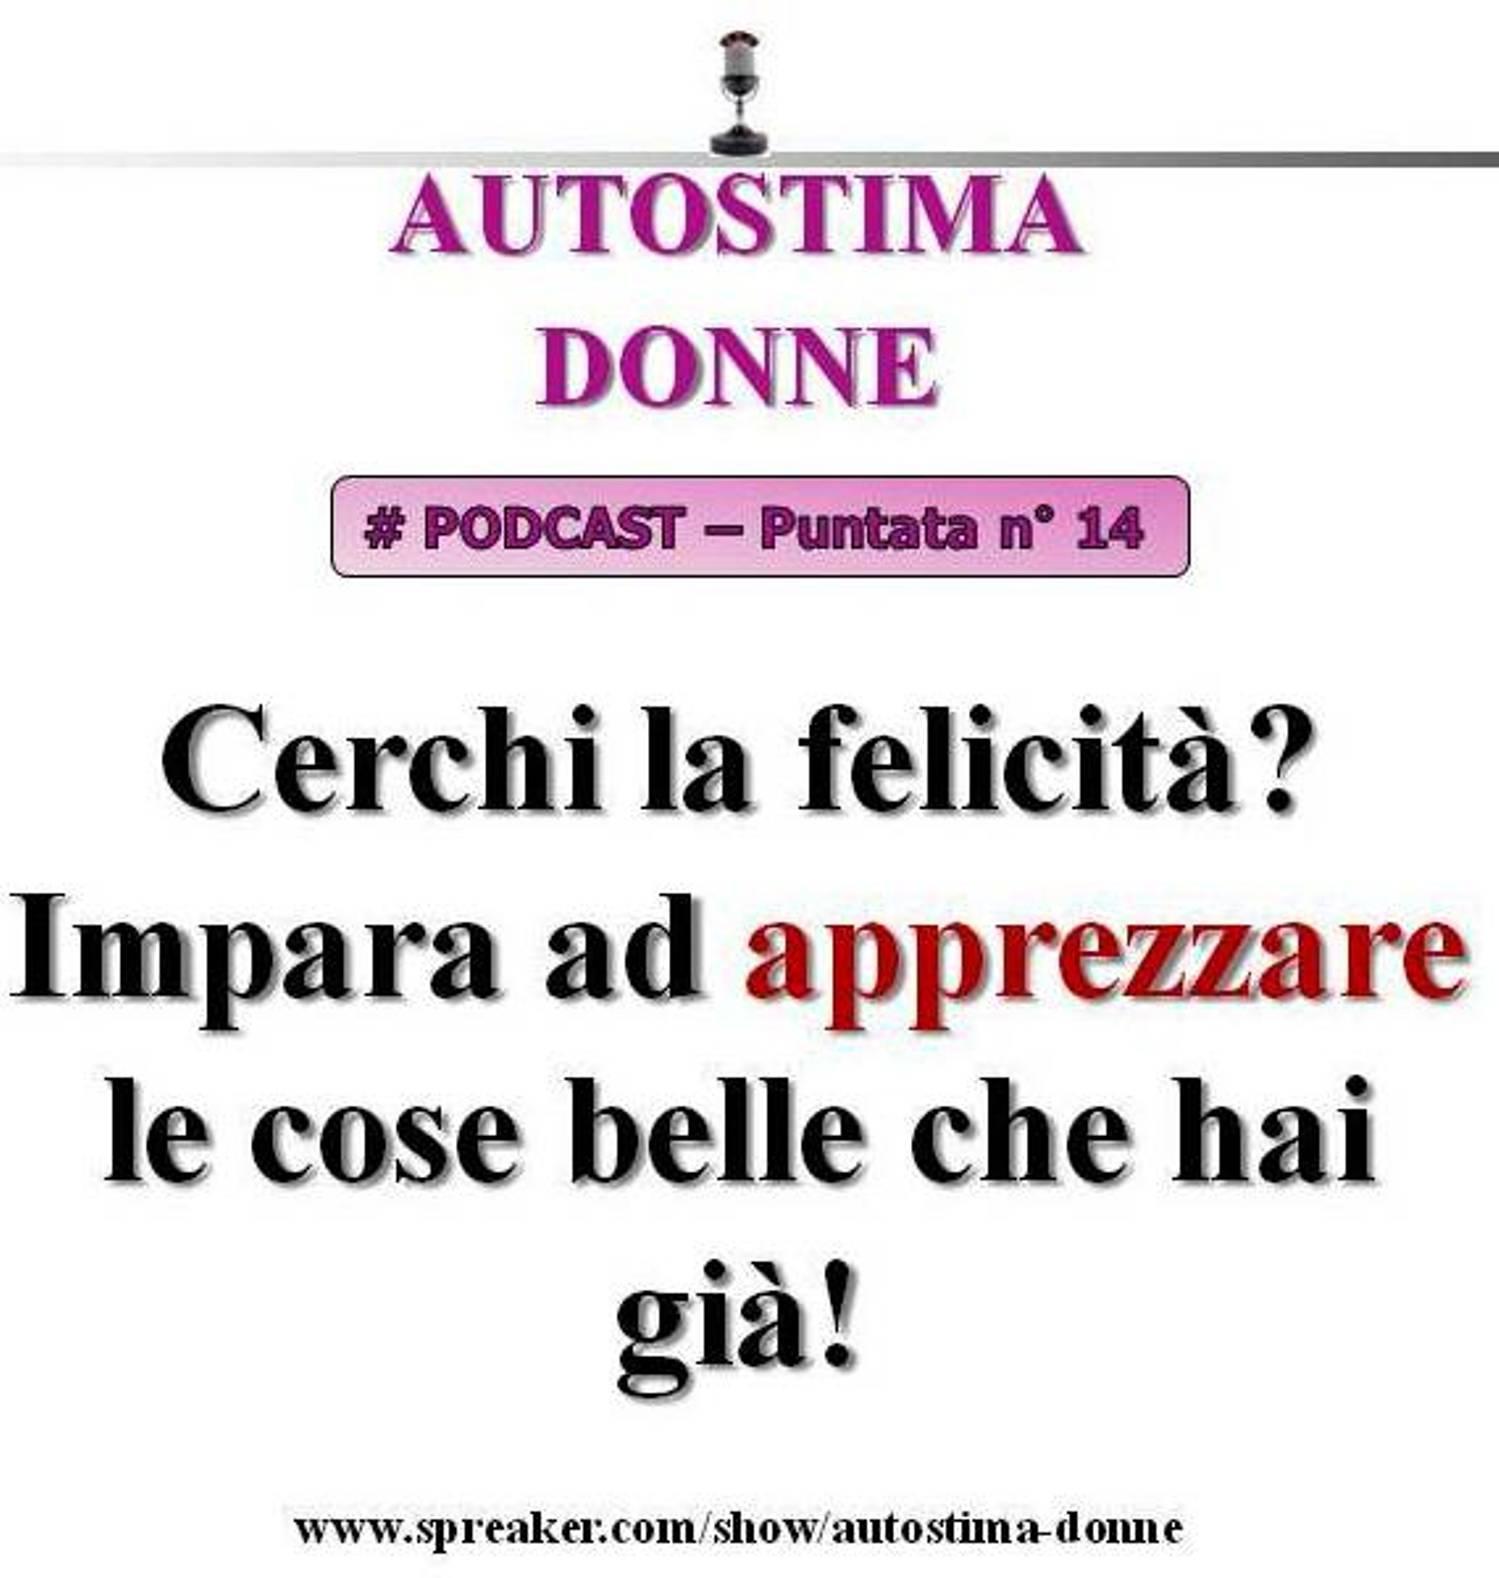 14° puntata Autostima Donna - cerchi la felicità